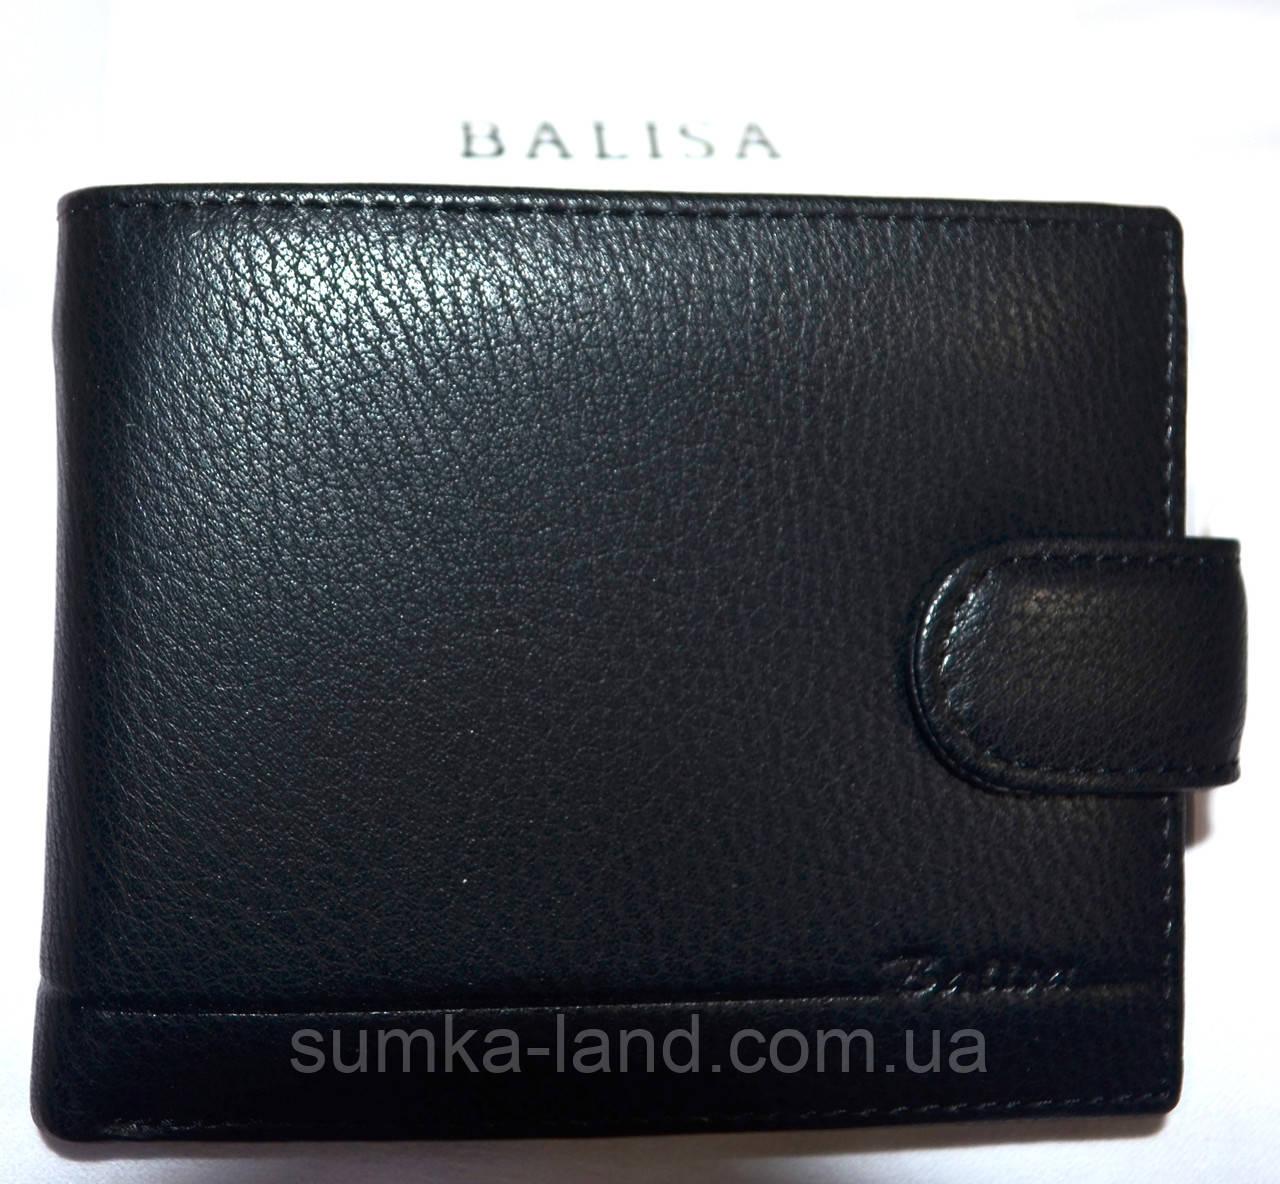 Мужской классический черный кошелек Balisa из искусственной кожи на кнопке 11,5*10 см